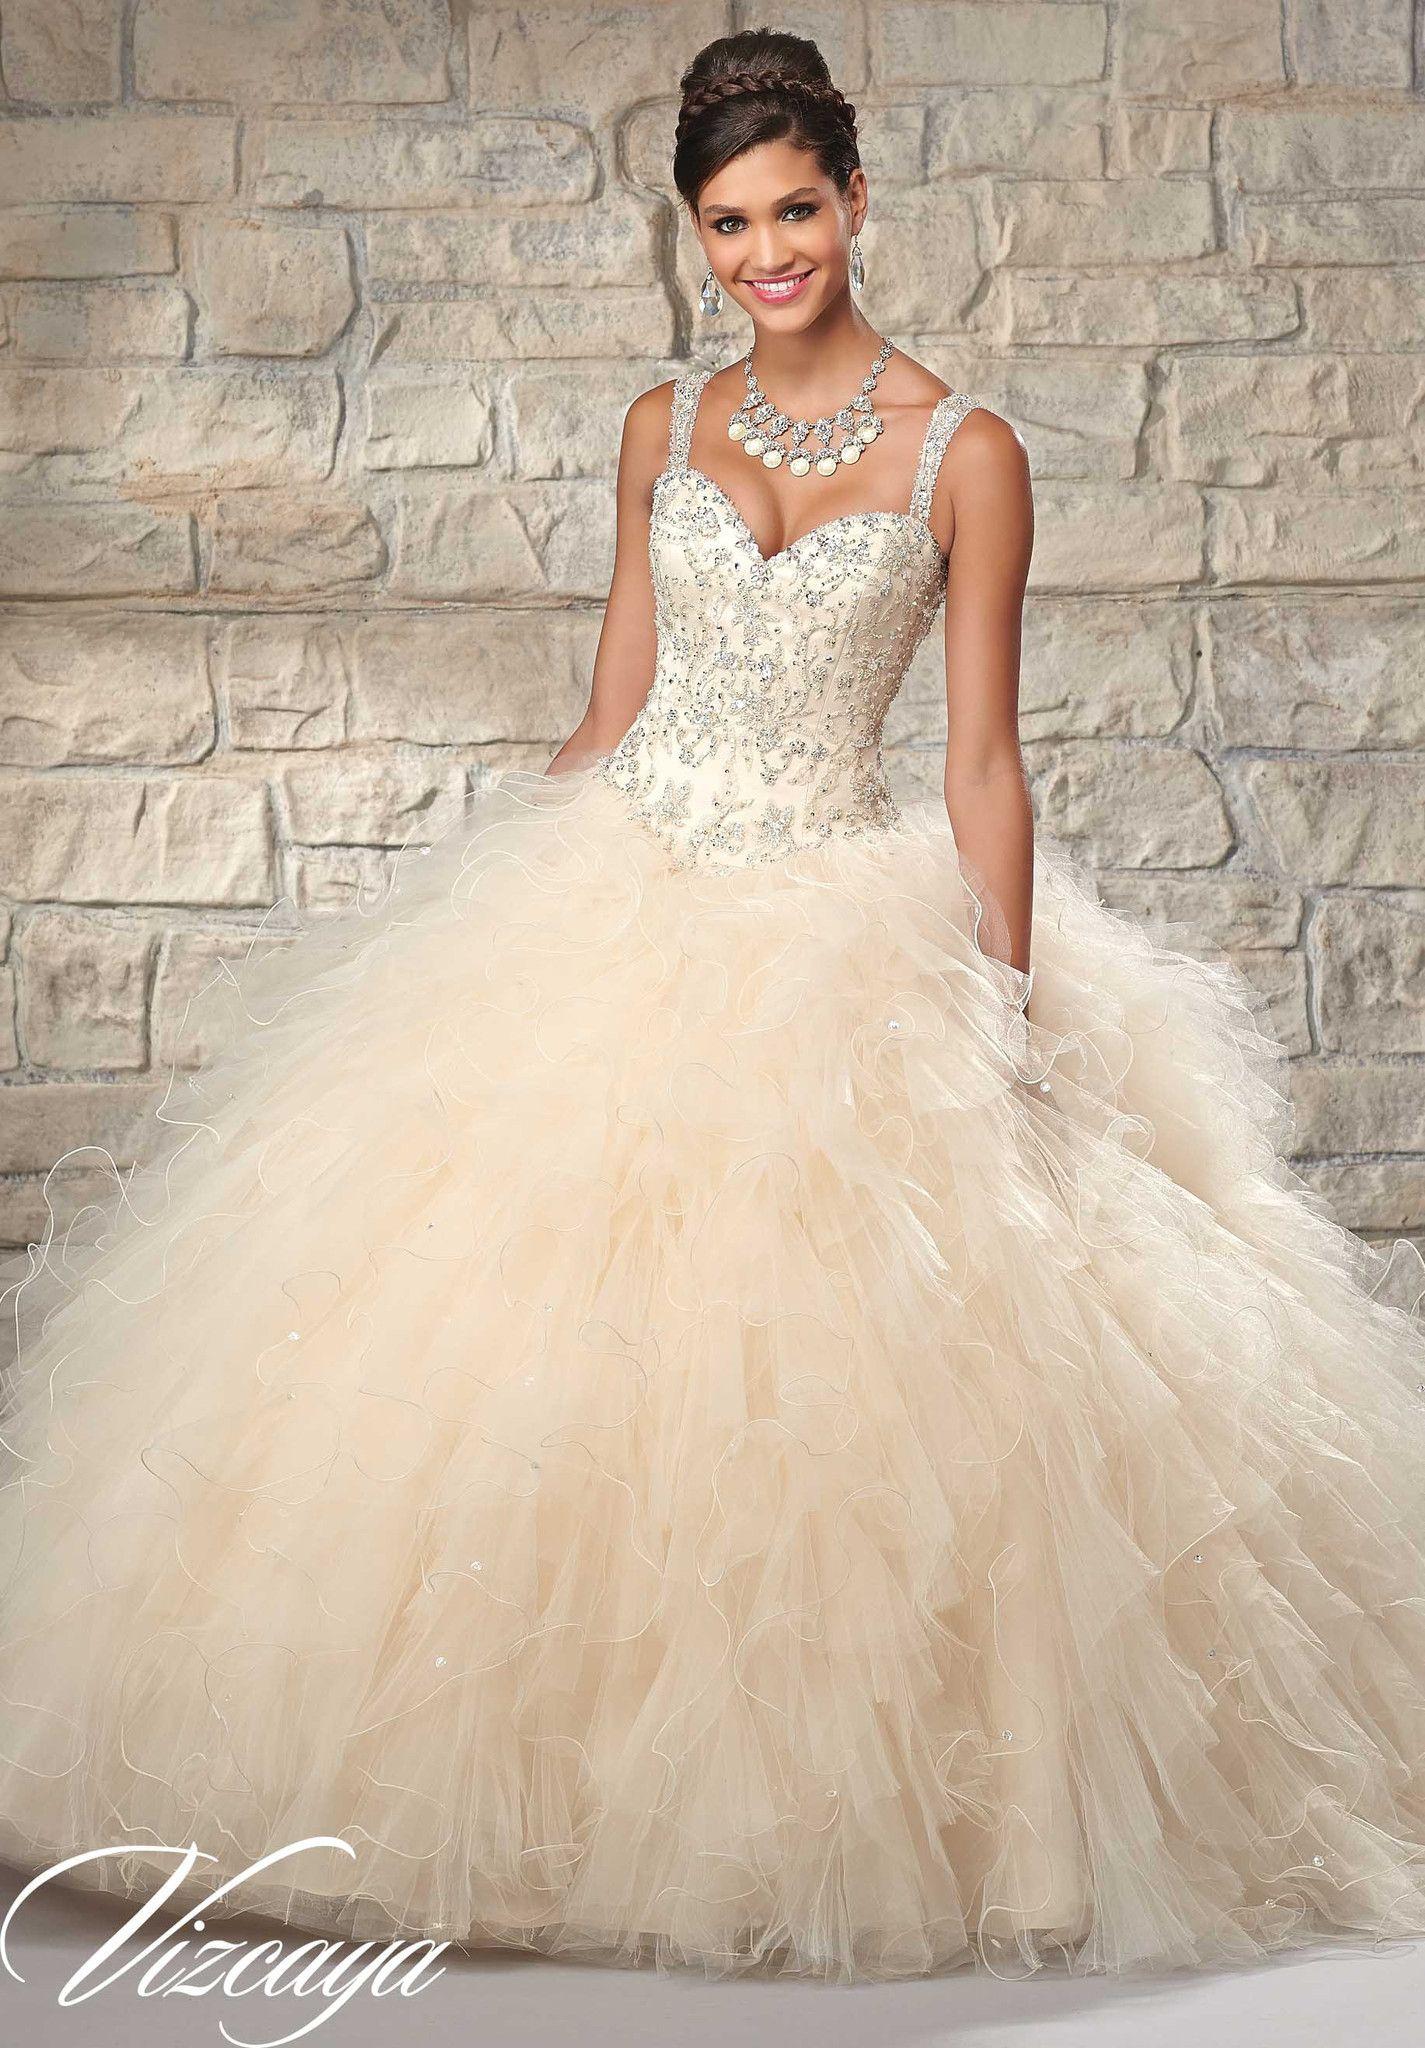 Mori Lee Quinceanera Dress 89027 | Vestidos de novia de tul, 15 años ...